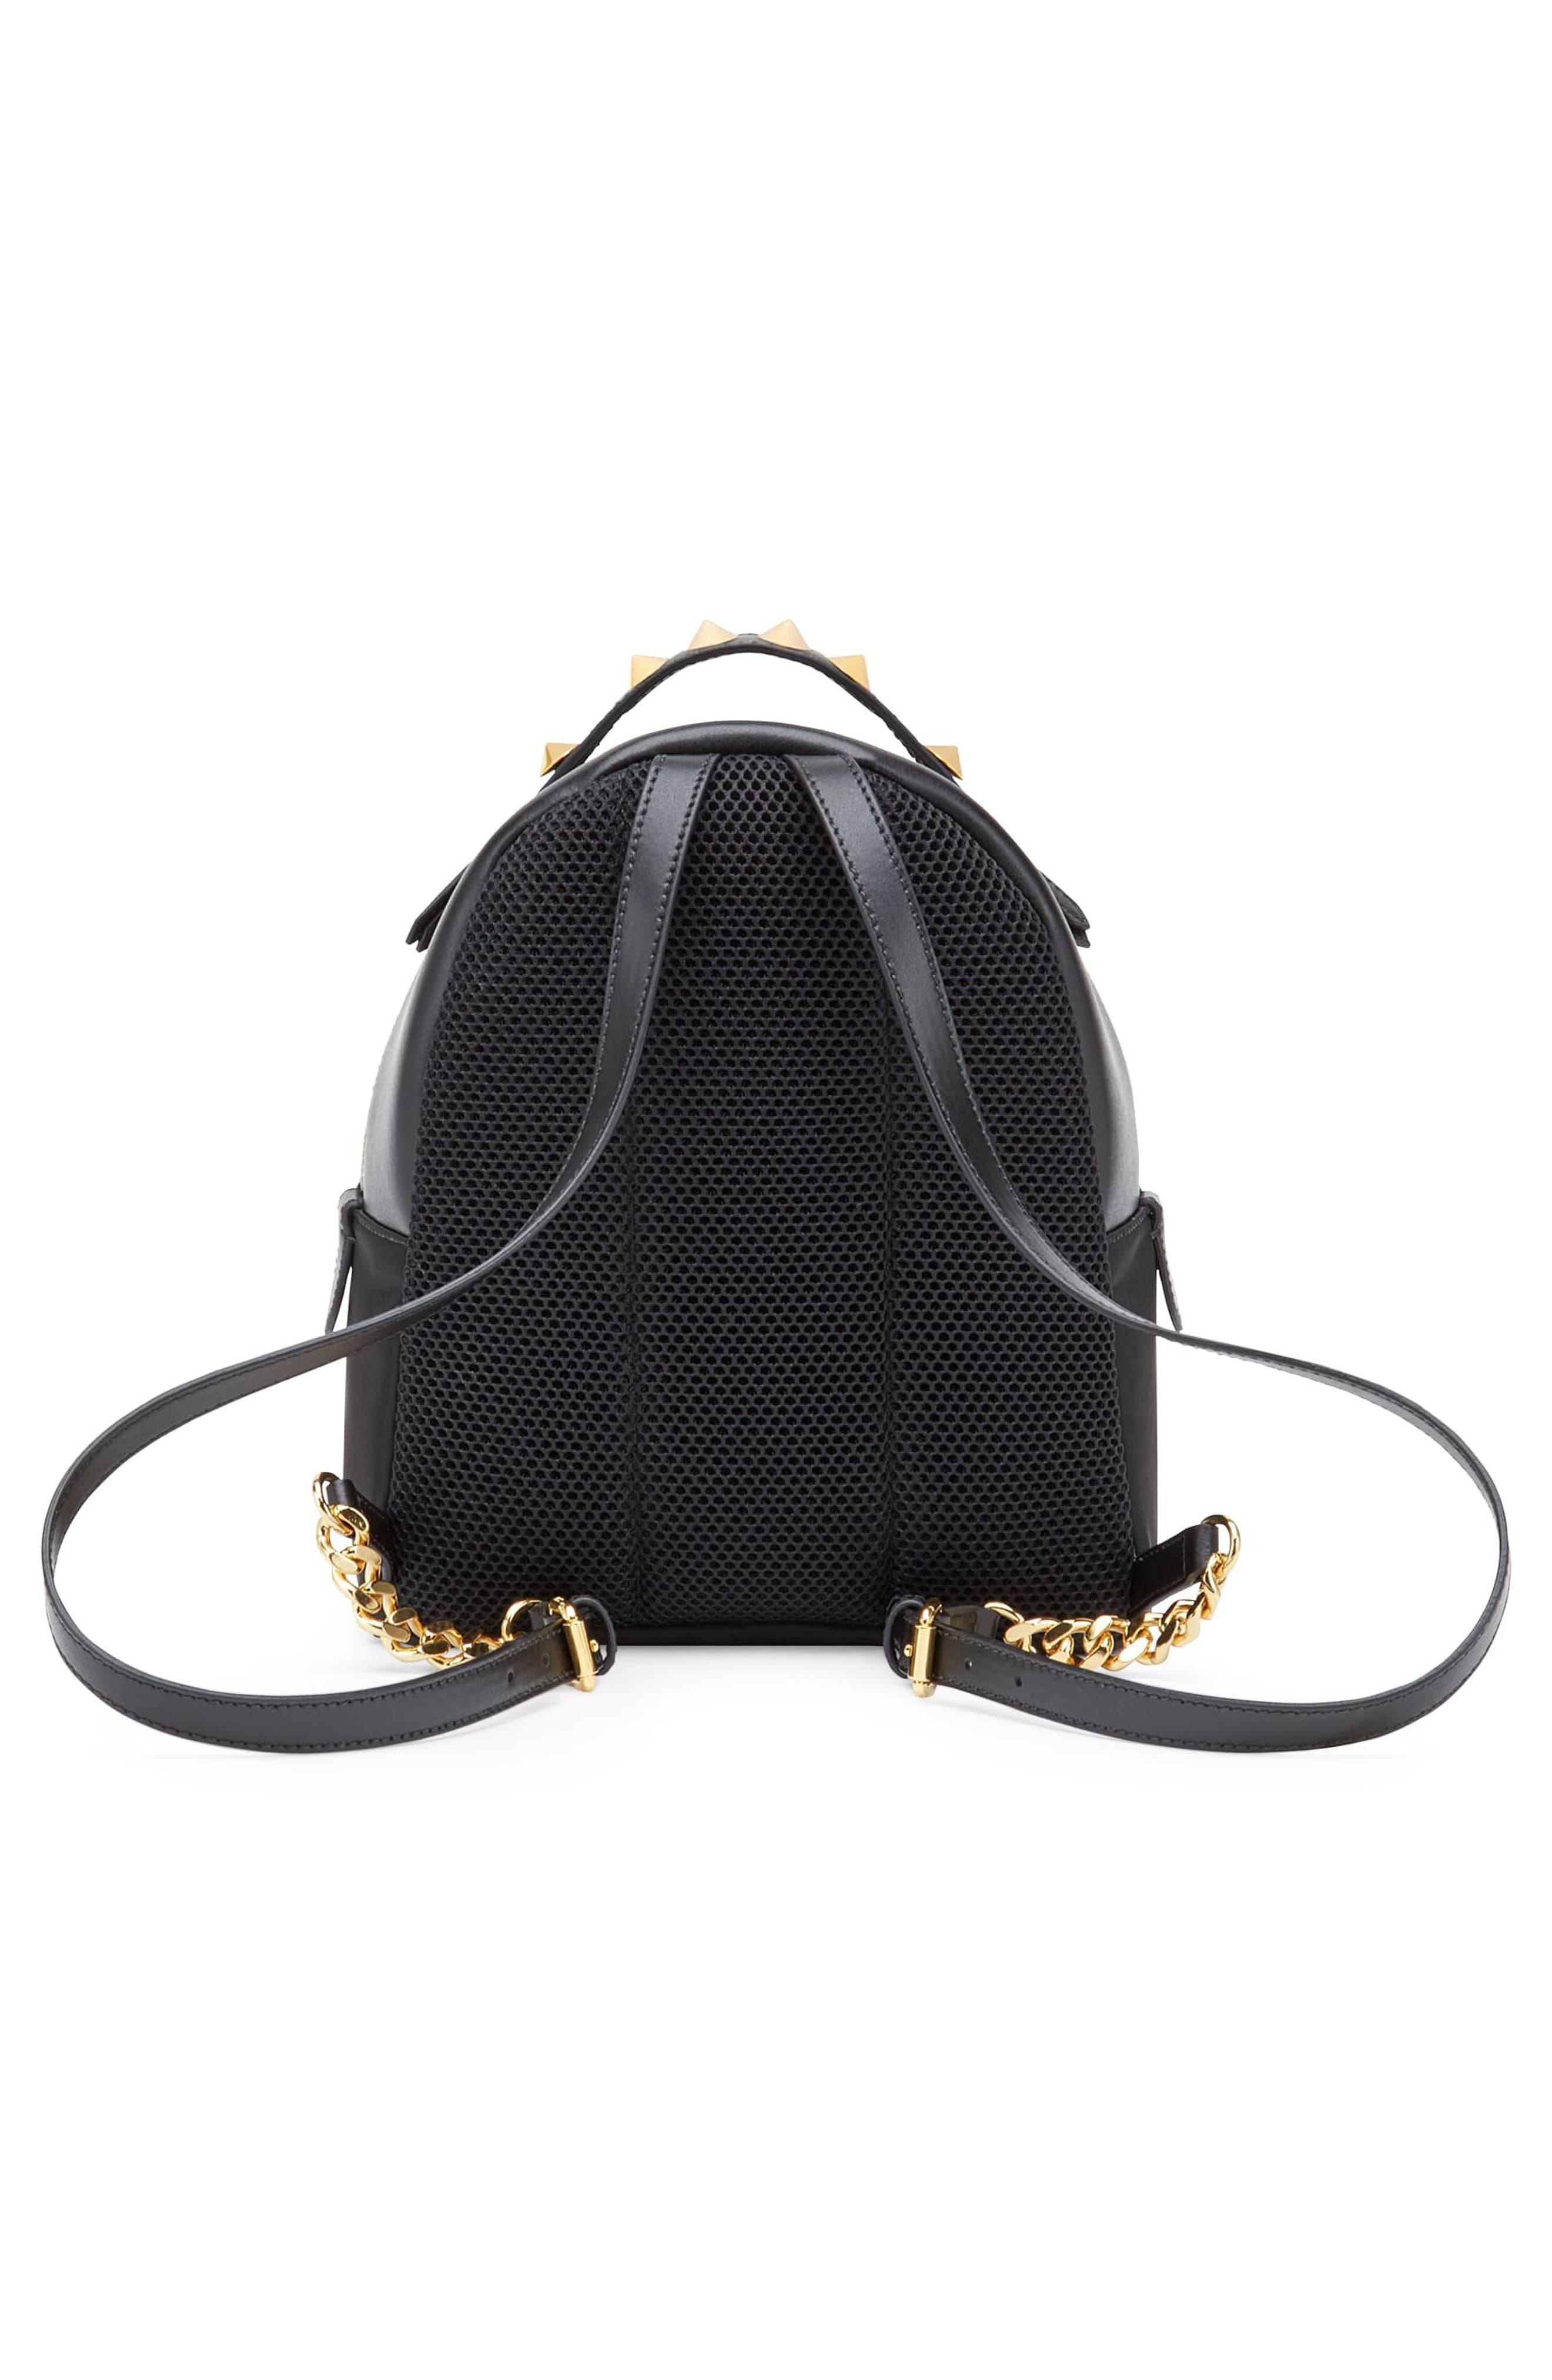 Mini Monster Nylon Backpack,                             Alternate thumbnail 2, color,                             Nero/ Oro Soft